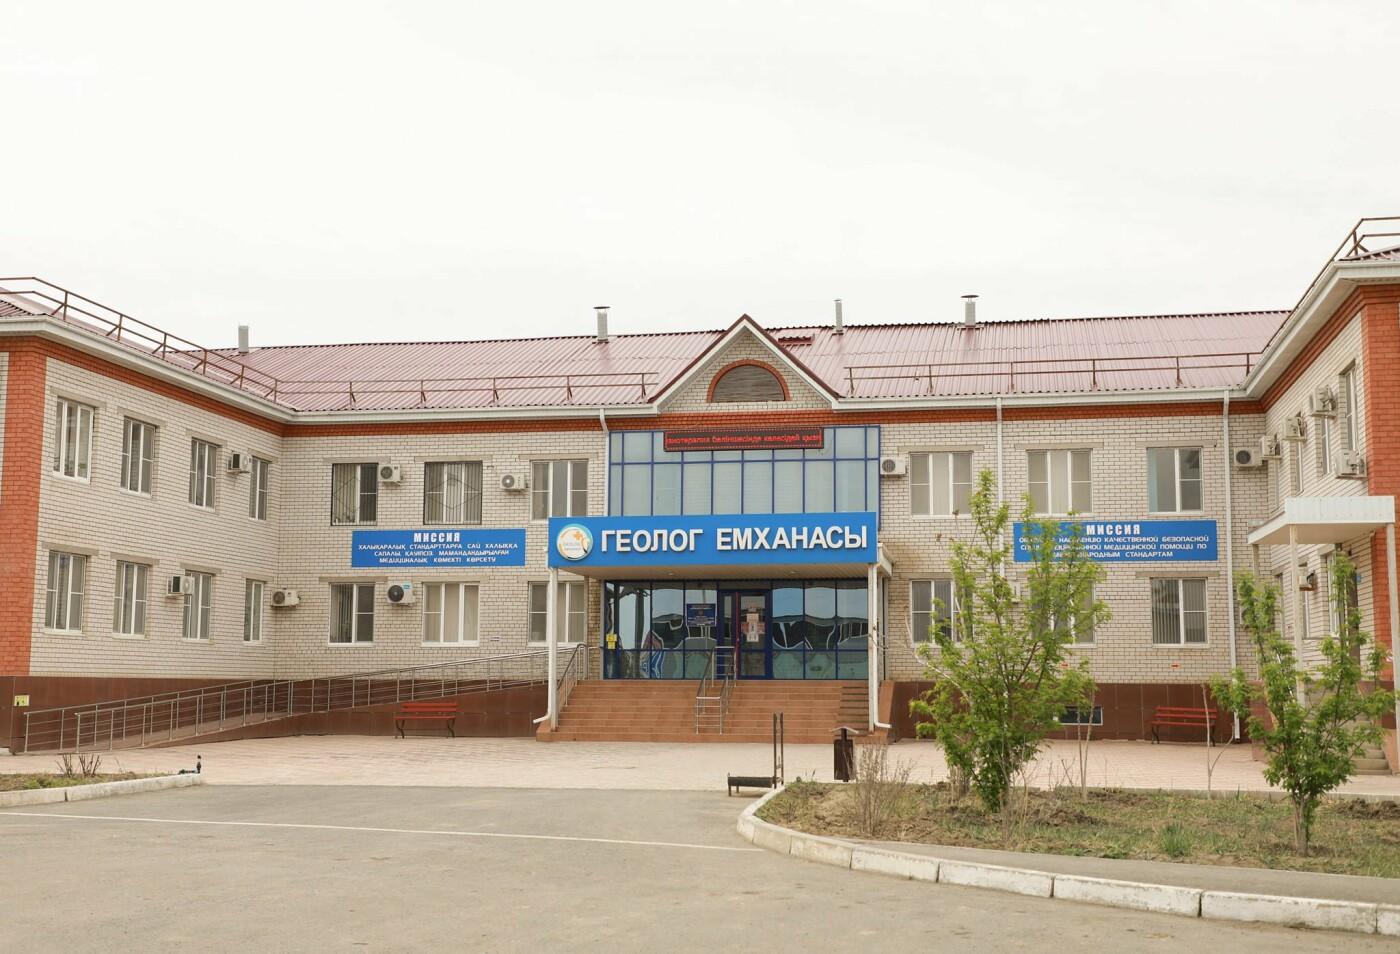 Аким Атырауской области вакцинировался против коронавируса, Махамбет Досмухамбетов/facebook